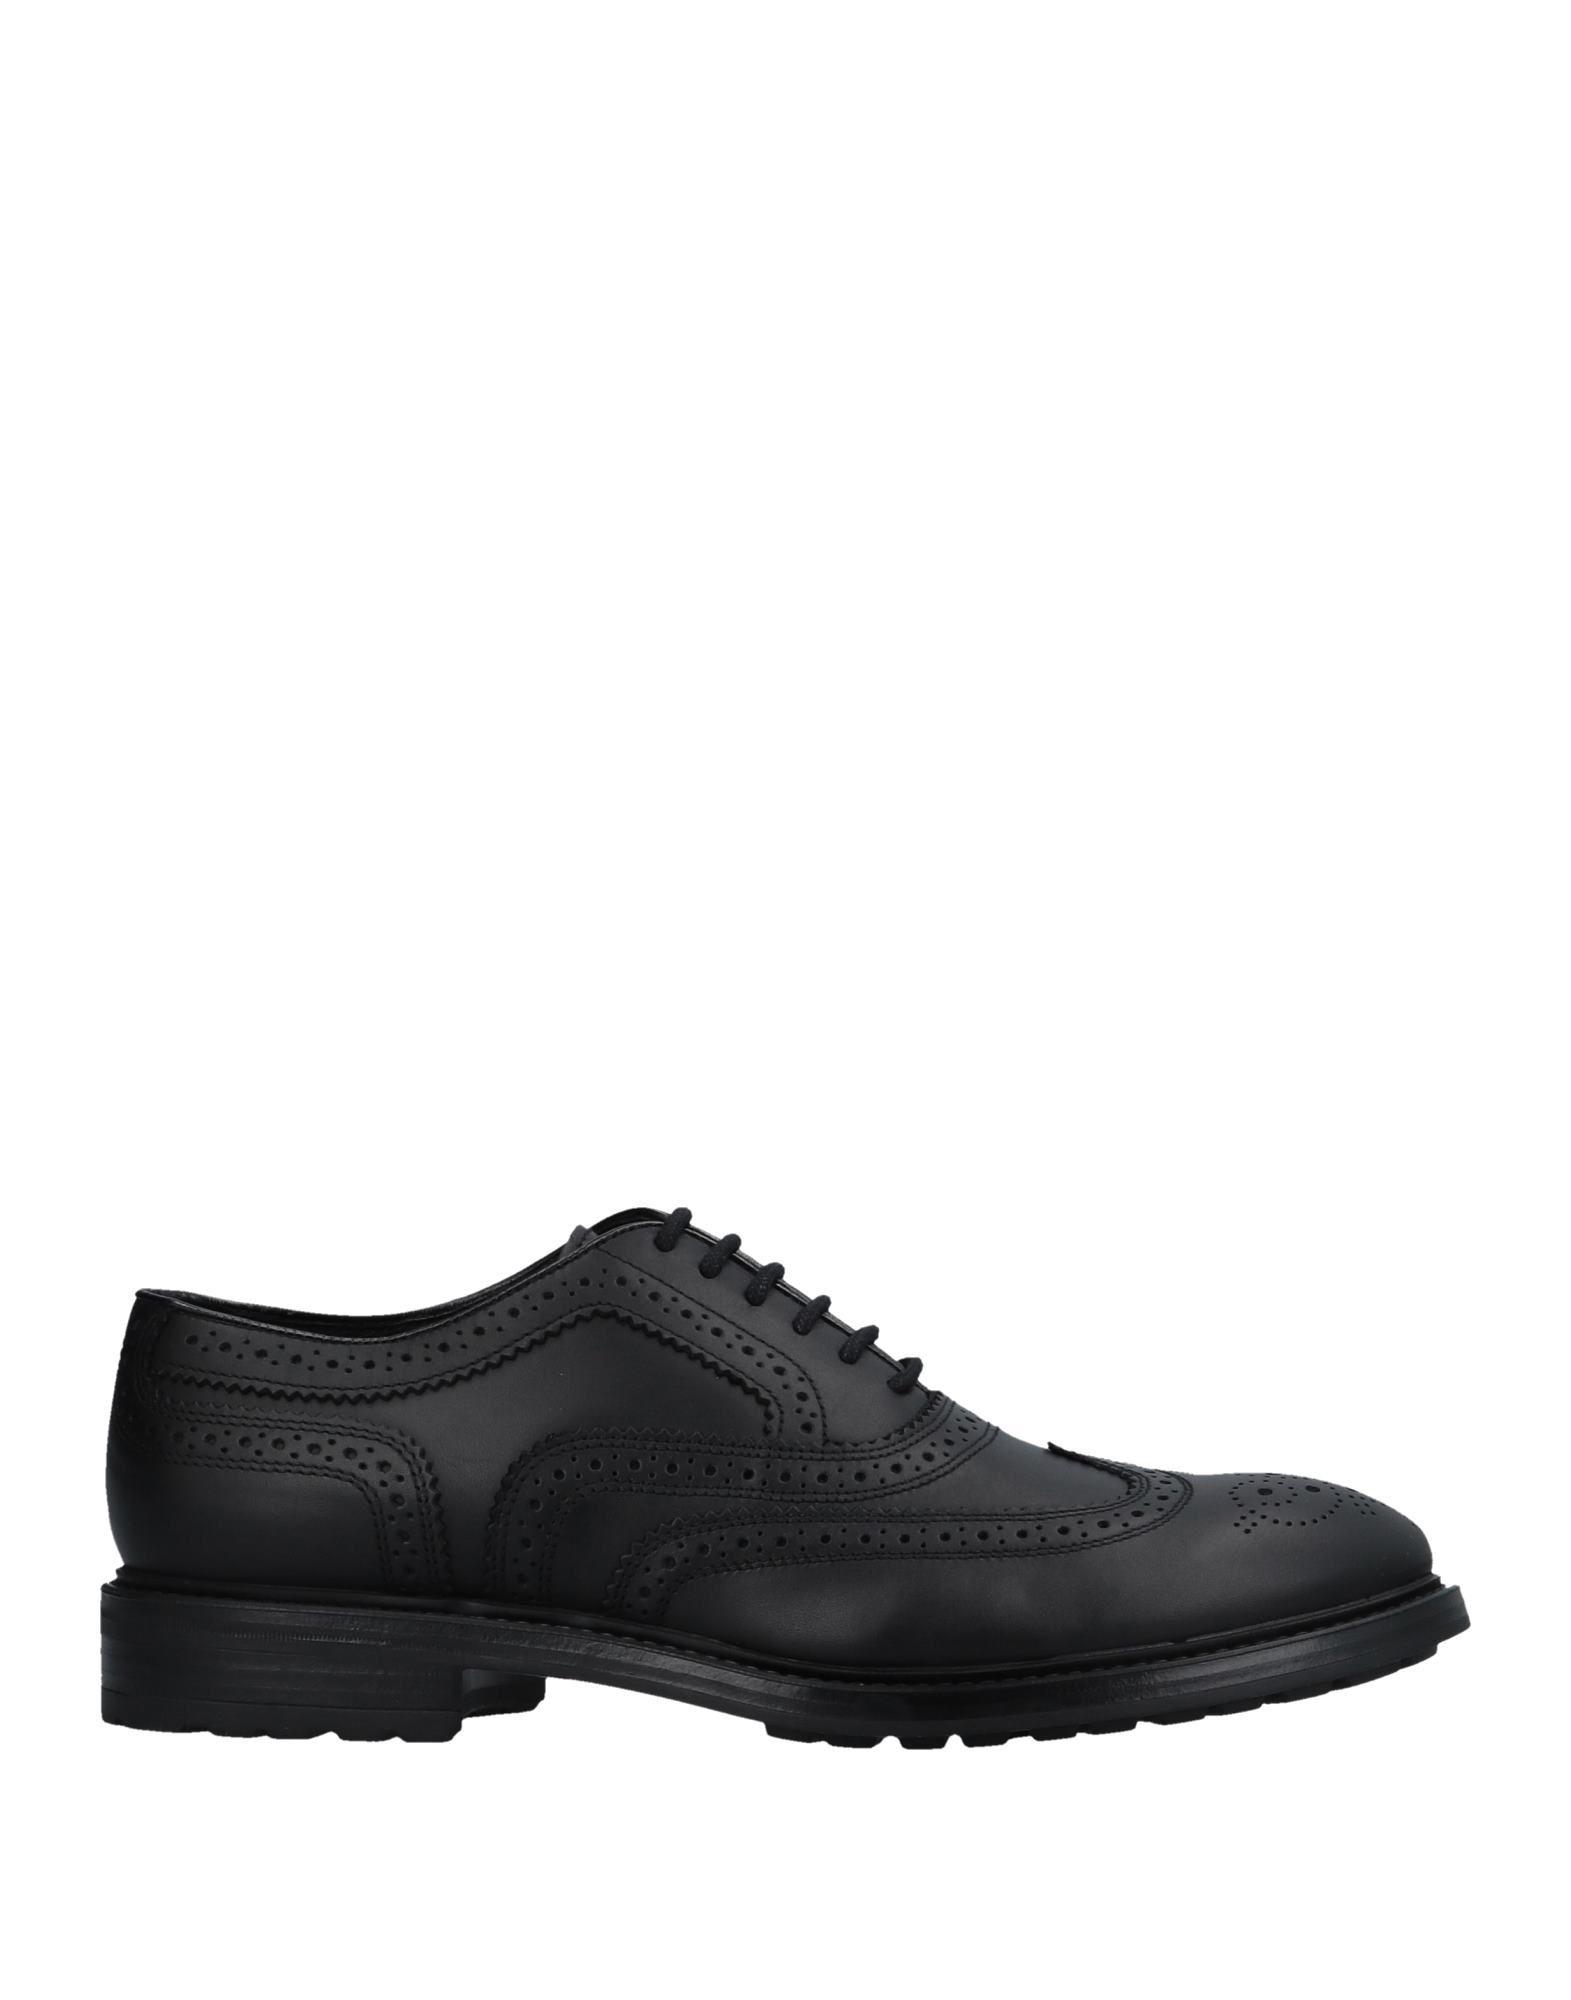 Фото - DOUCAL'S Обувь на шнурках обувь на высокой платформе dkny